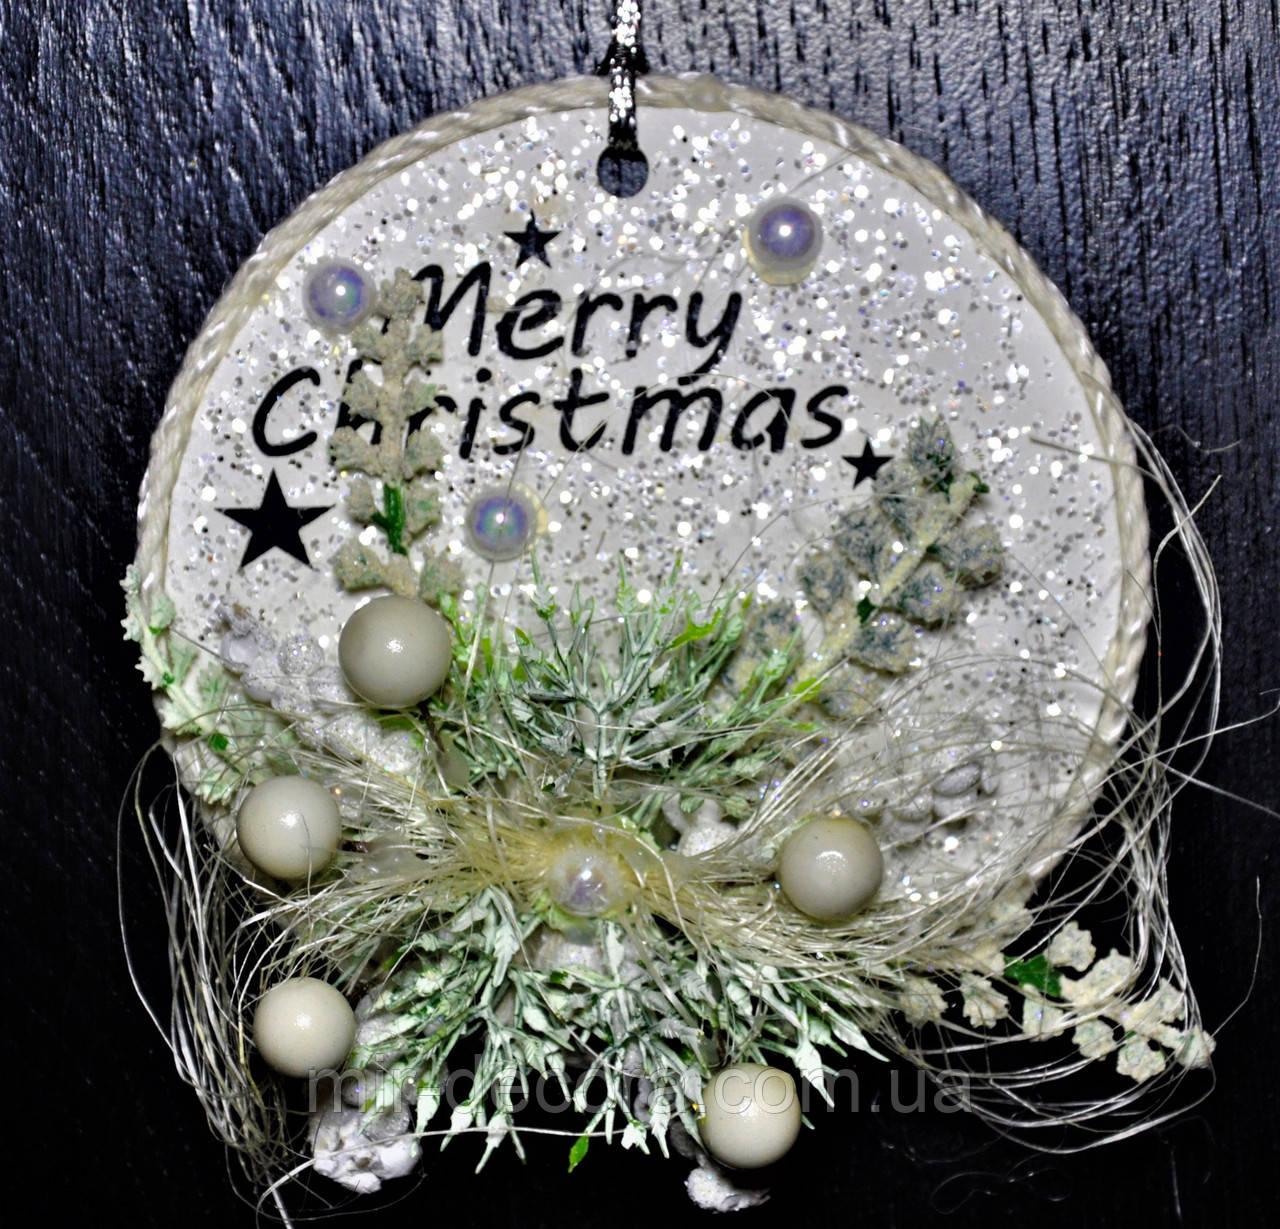 """Украшение на елку из дерева """"Merry Christmas"""" высота 12 см"""